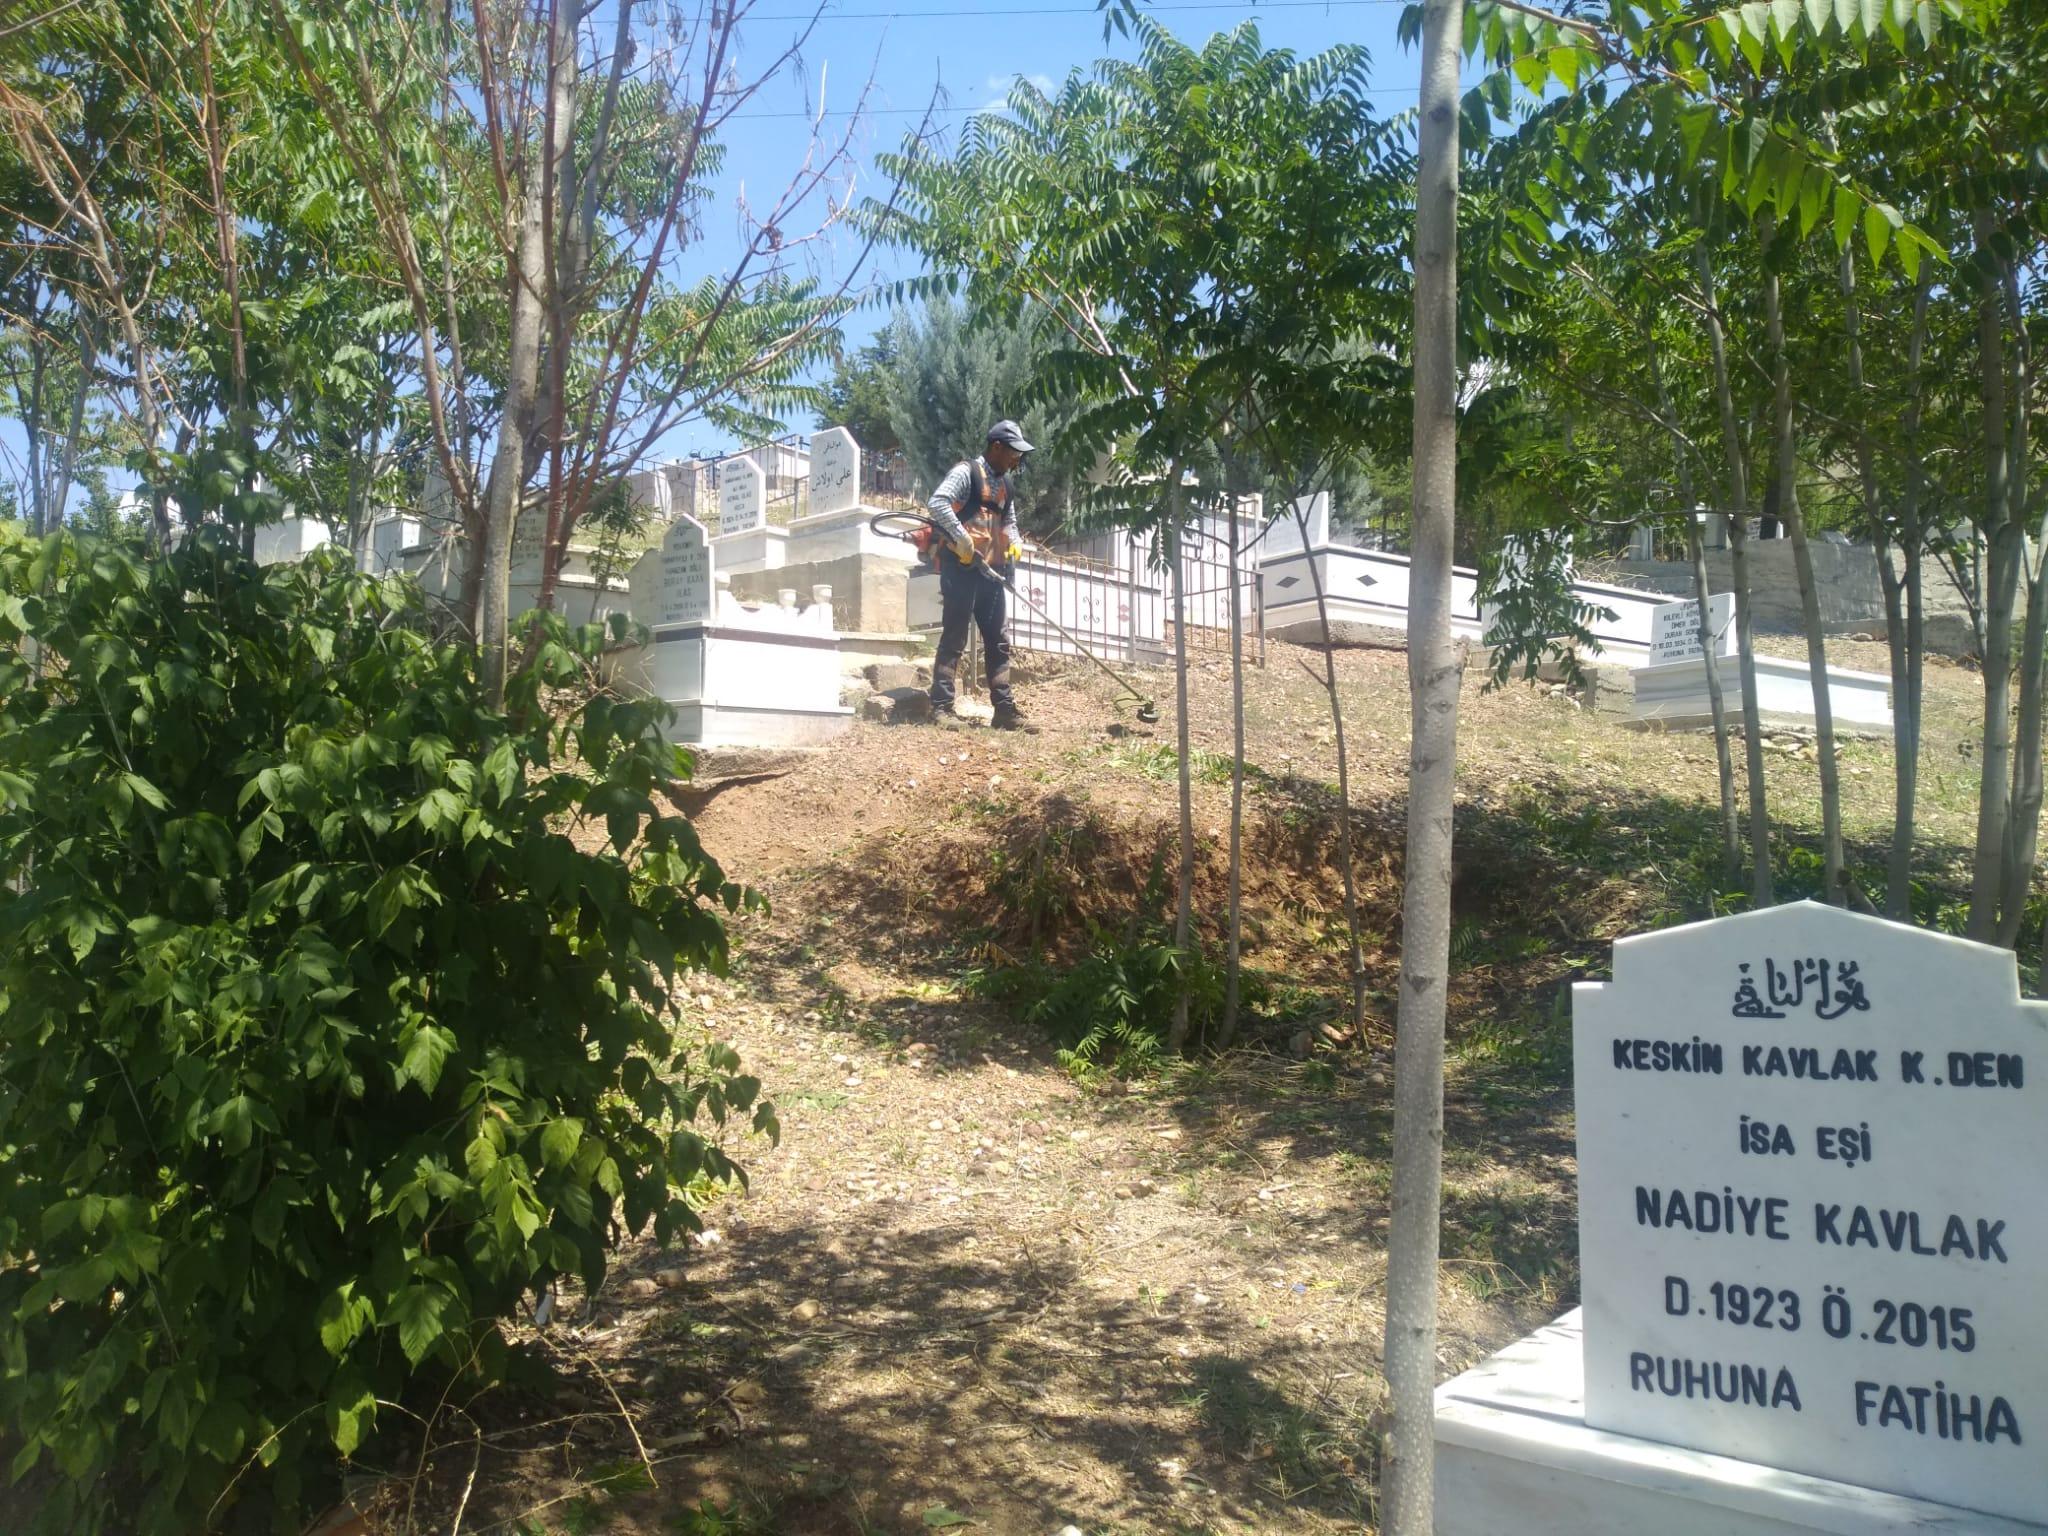 Tarih : 16.07.2021 - Mezarlıklarımızda Bayram Hazırlığı